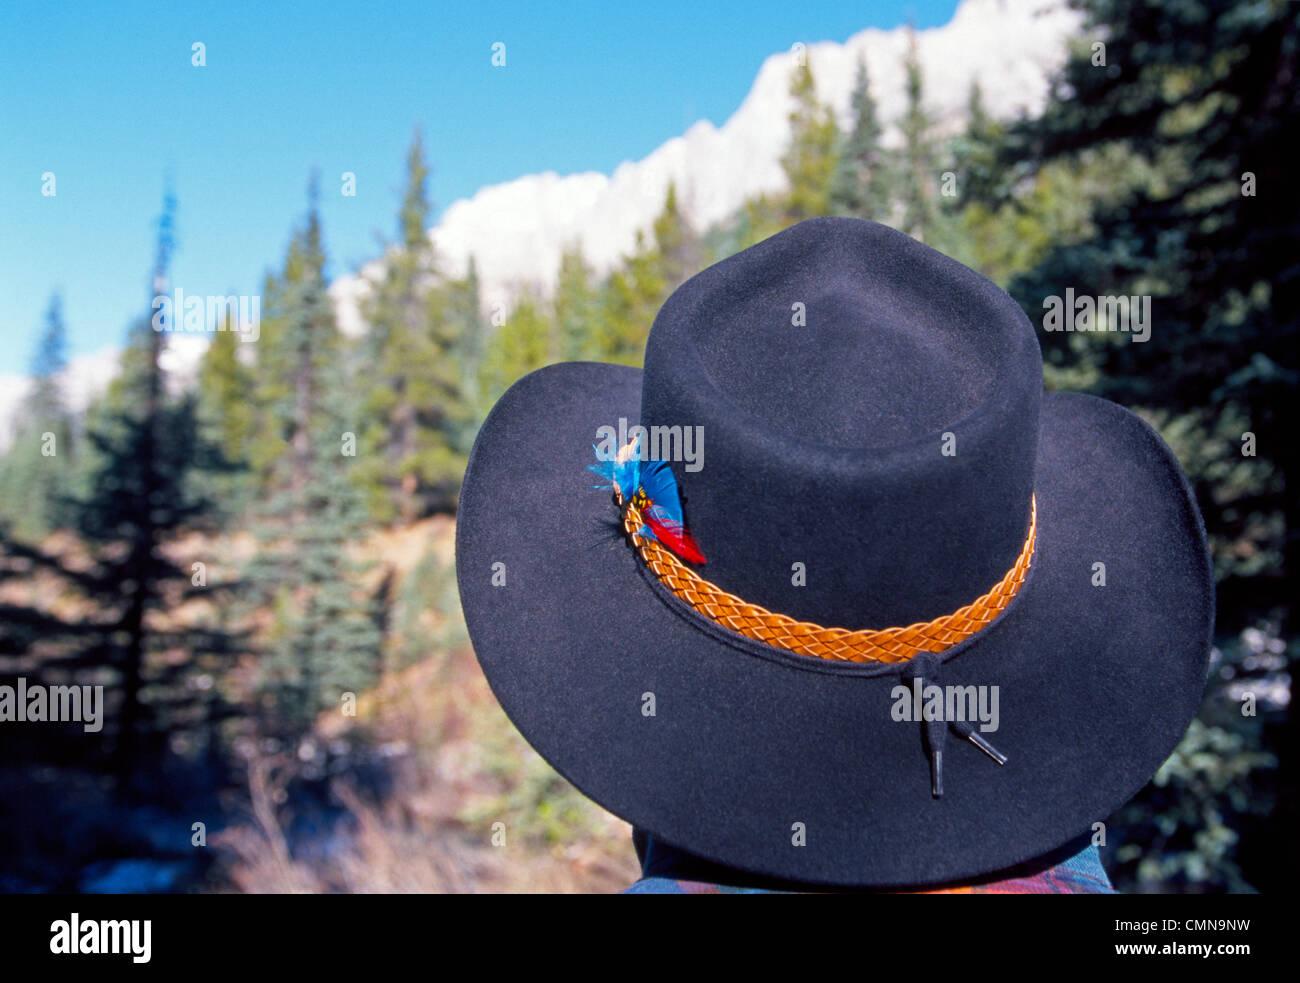 Un cowboy indossa il famoso australiano-style Episteme-marca il cappello che è riconosciuta dalla sua larga Immagini Stock